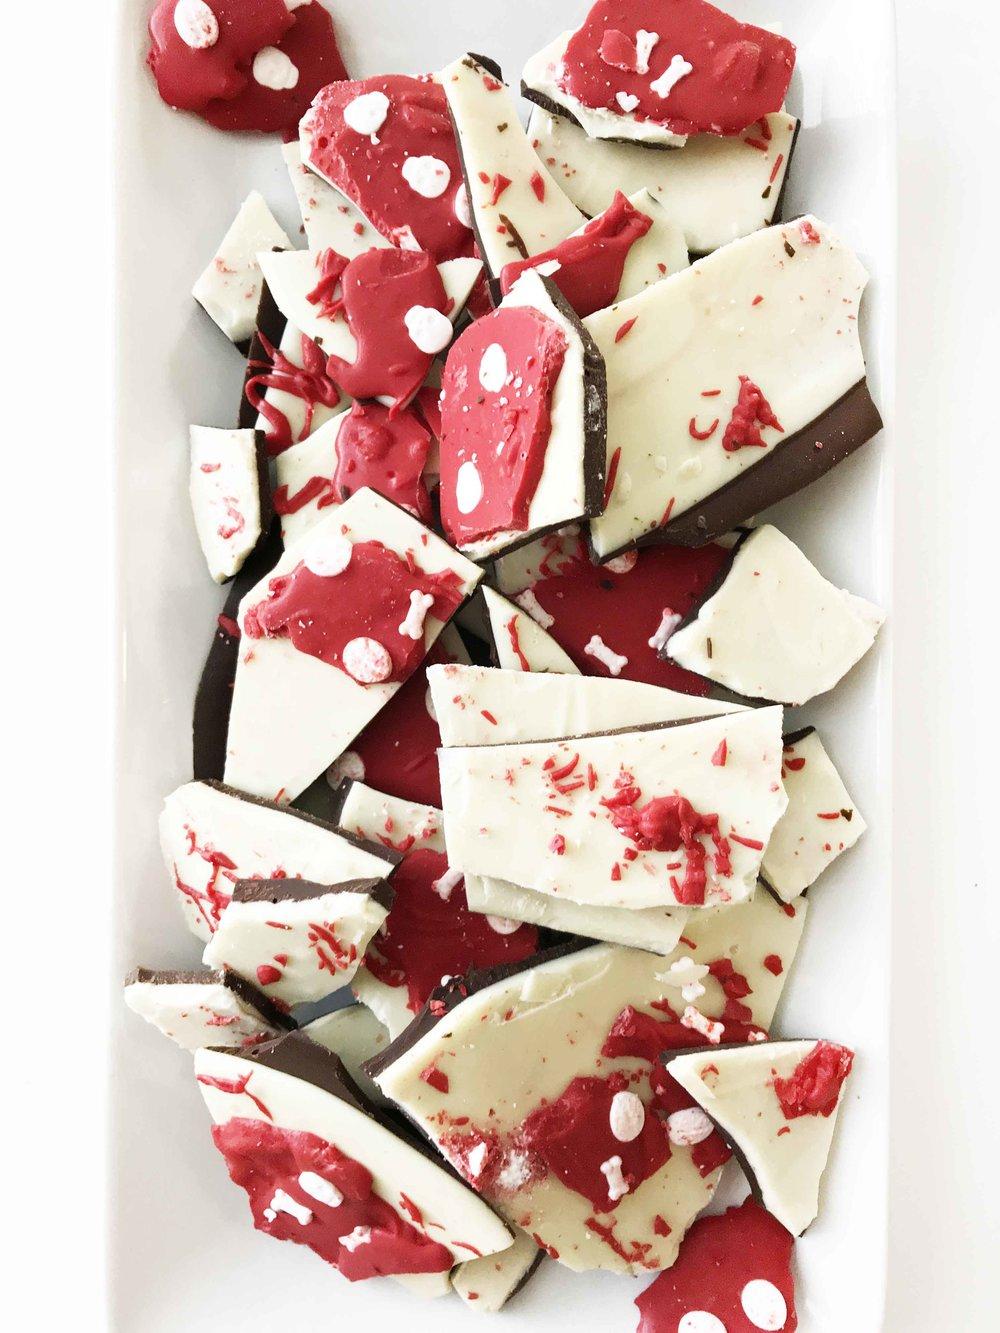 red-velvet-cake-bark11.jpg